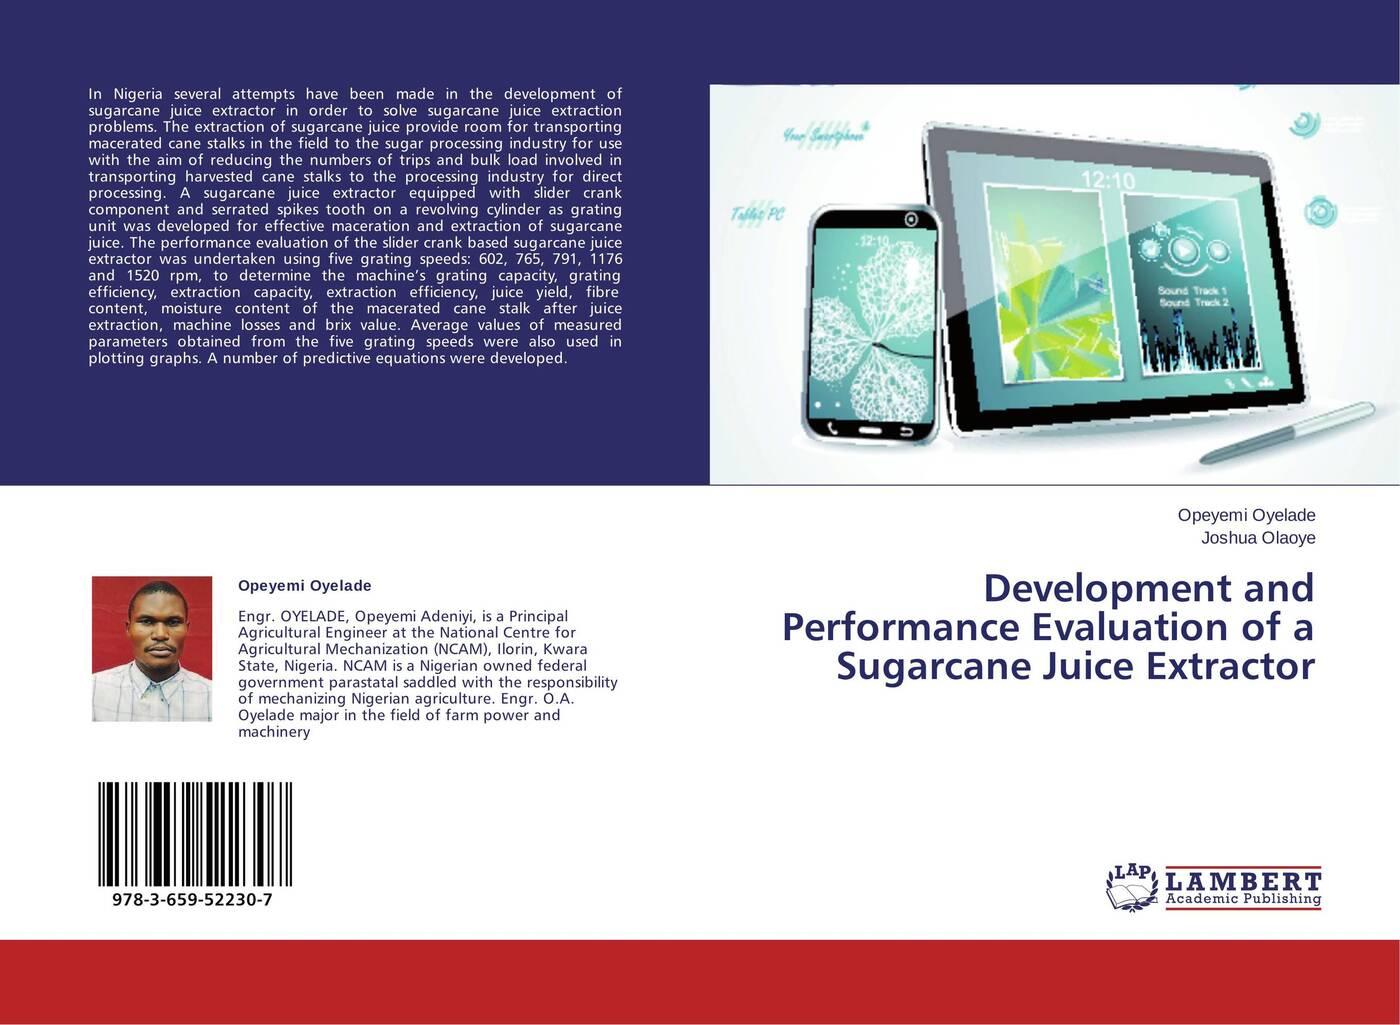 Opeyemi Oyelade and Joshua Olaoye Development and Performance Evaluation of a Sugarcane Juice Extractor цена и фото